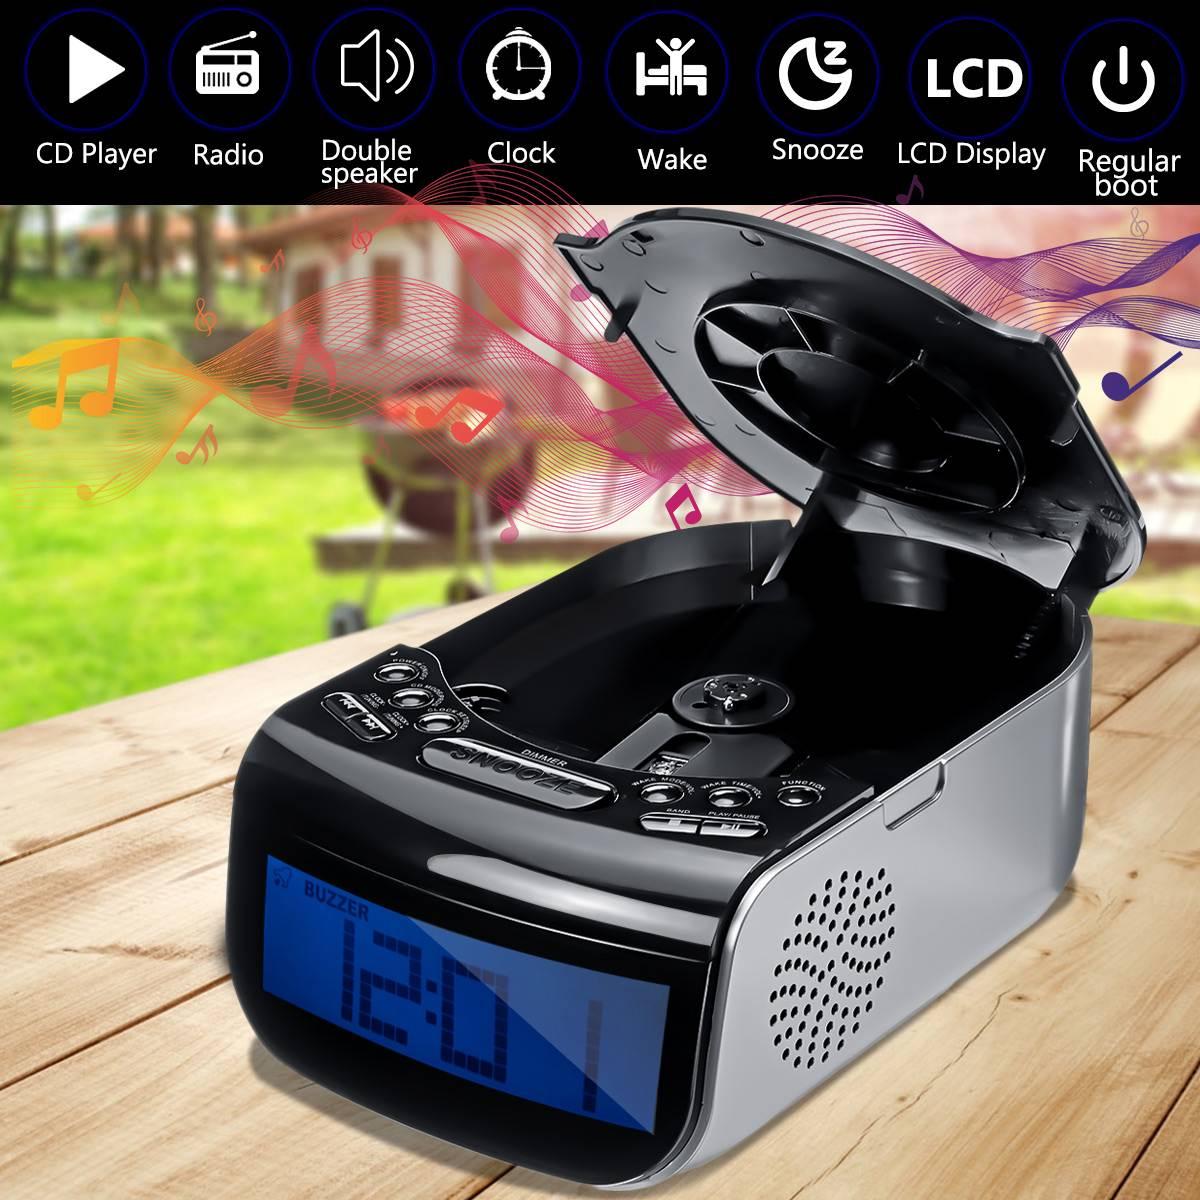 Réveil numérique LCD double haut-parleur Tuning Am/Fm Radio lecteur de musique CD Machine 110 V/220 V 21x14.5x9 cm luminosité réglable